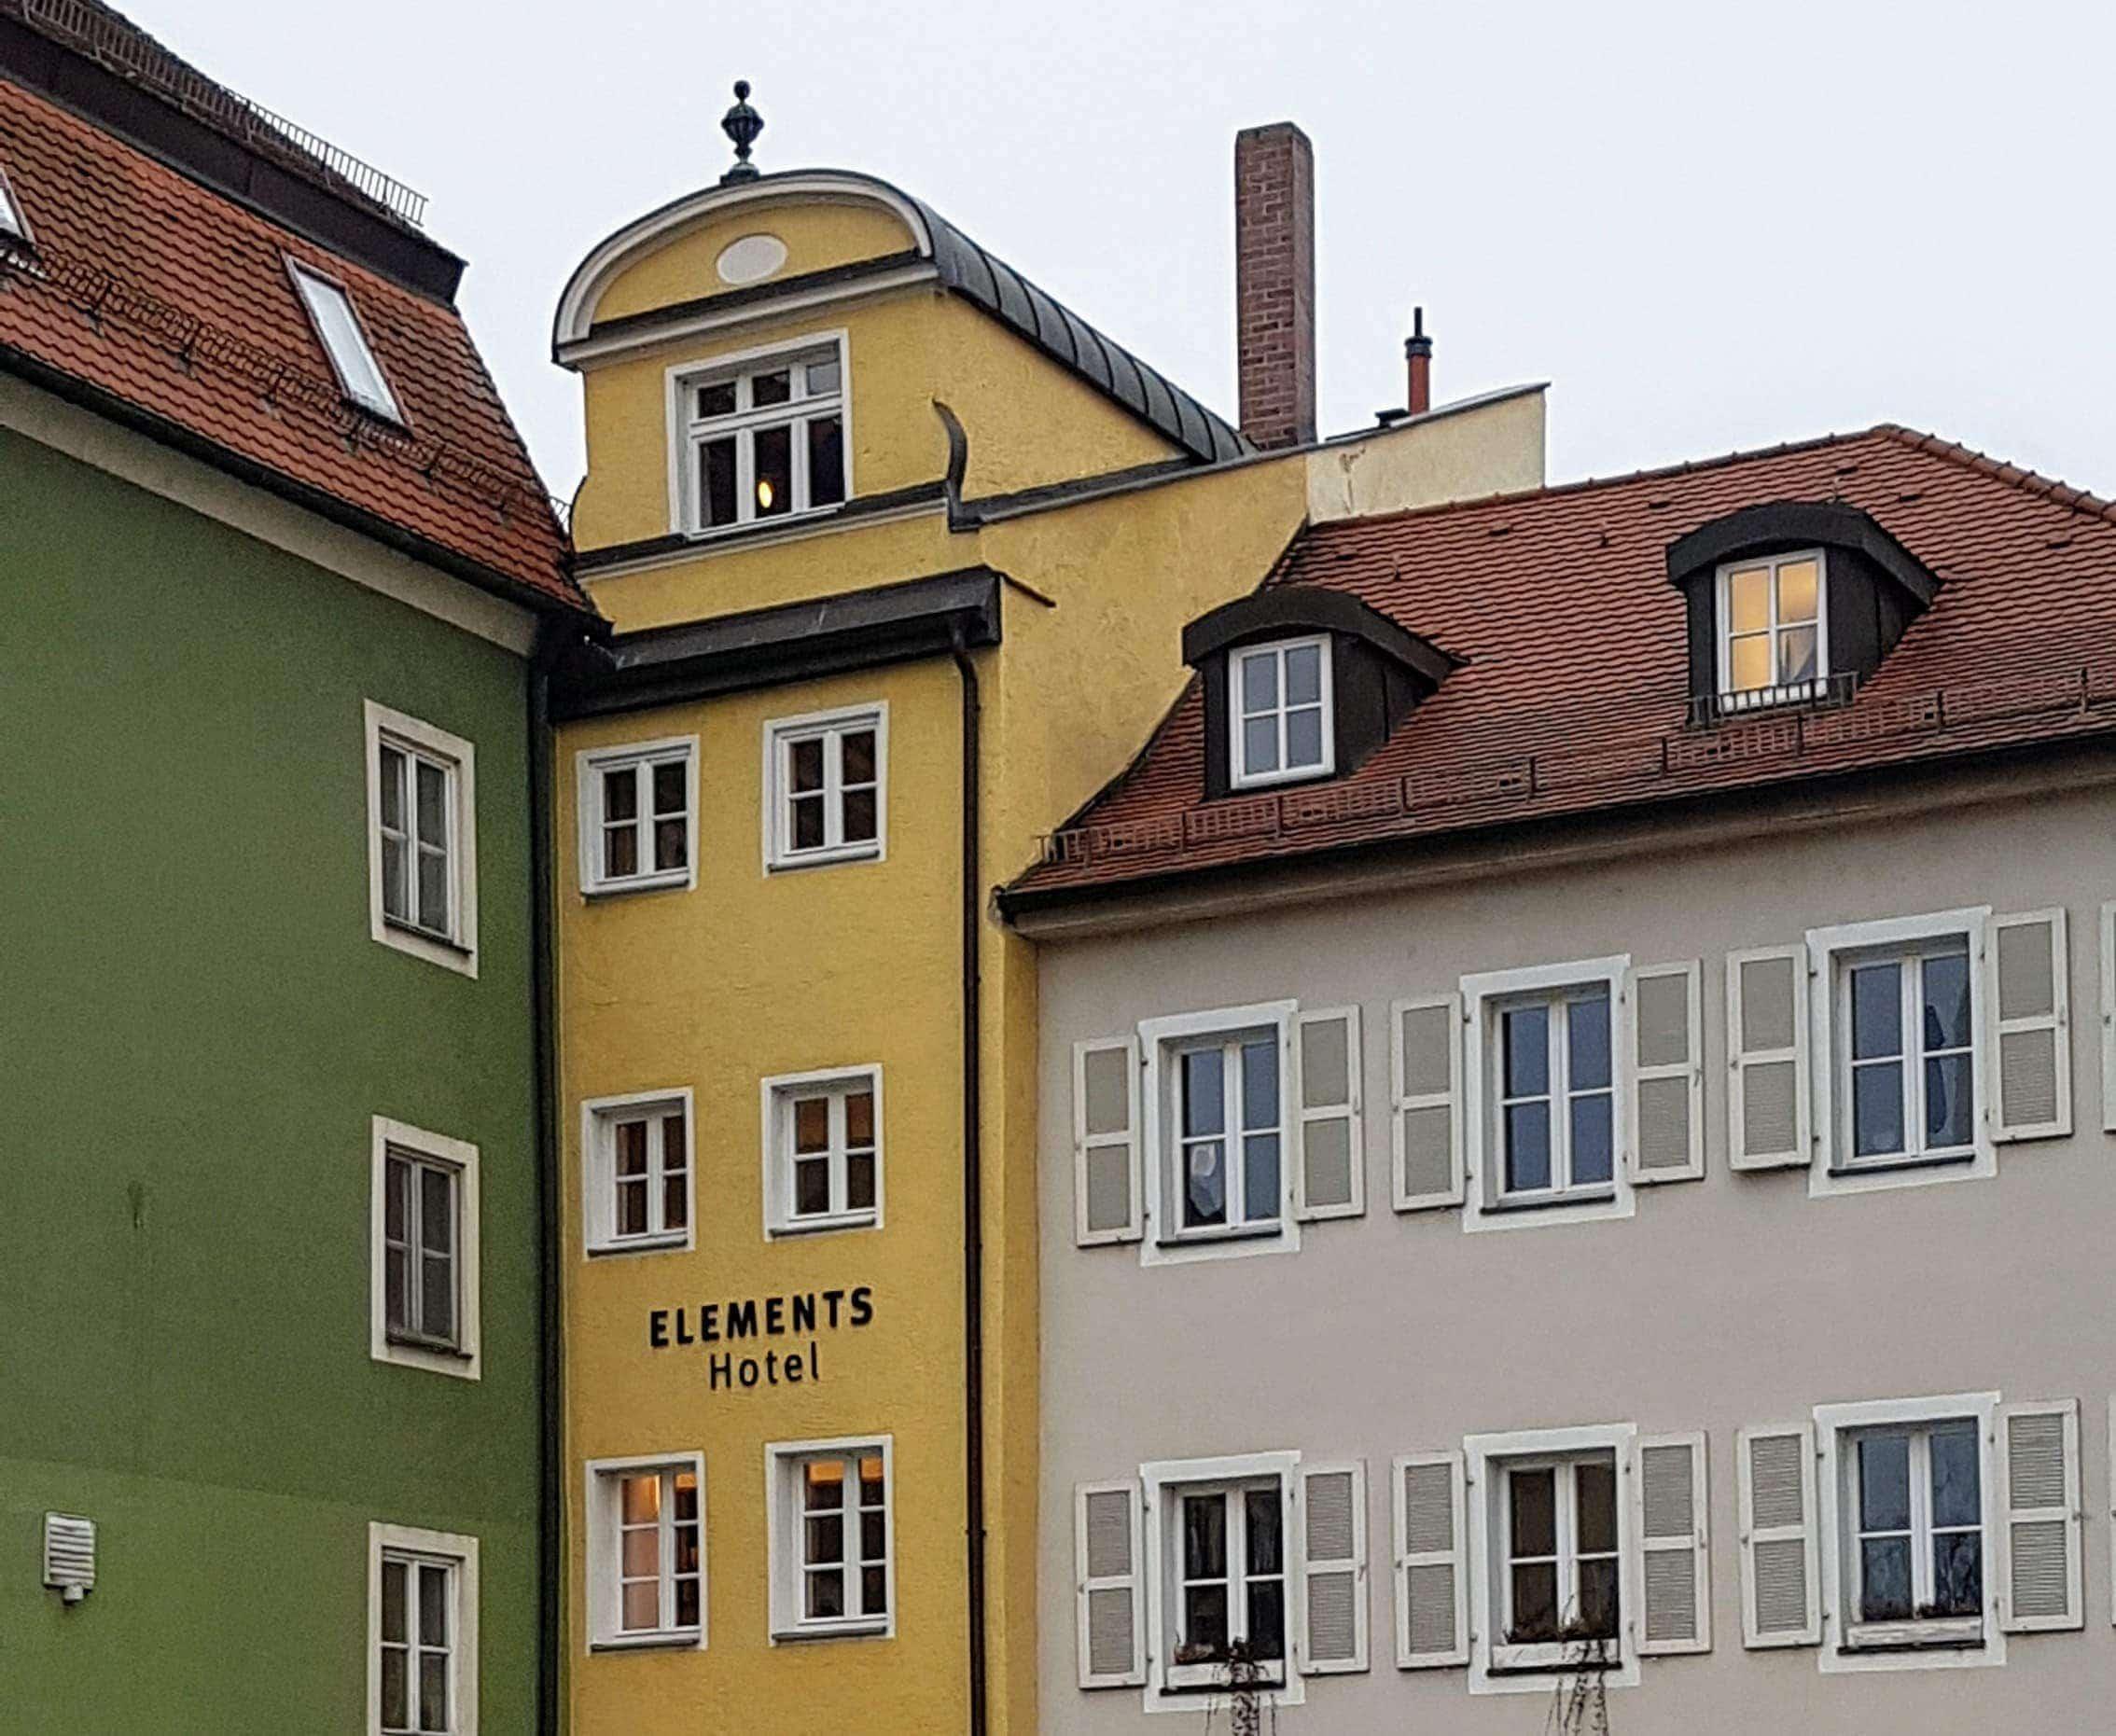 Das Elements Hotel am Alten Kornmarkt